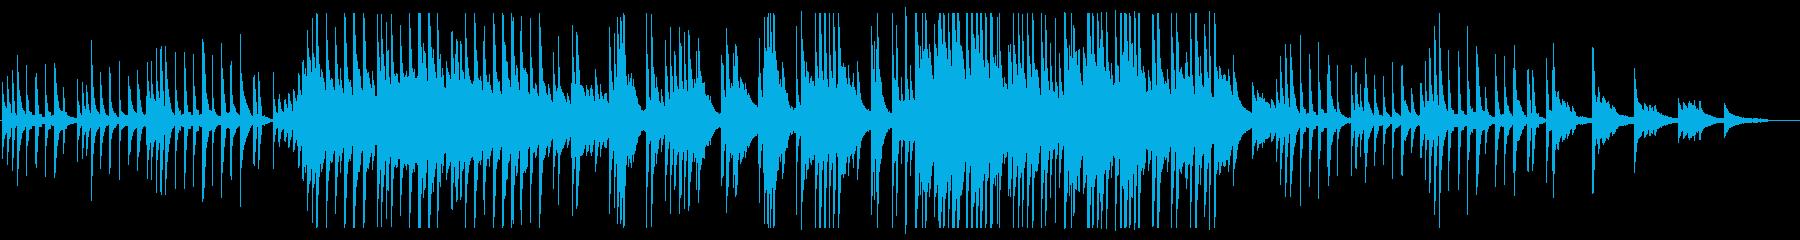 切ないメロディーが特徴的なピアノソロの再生済みの波形